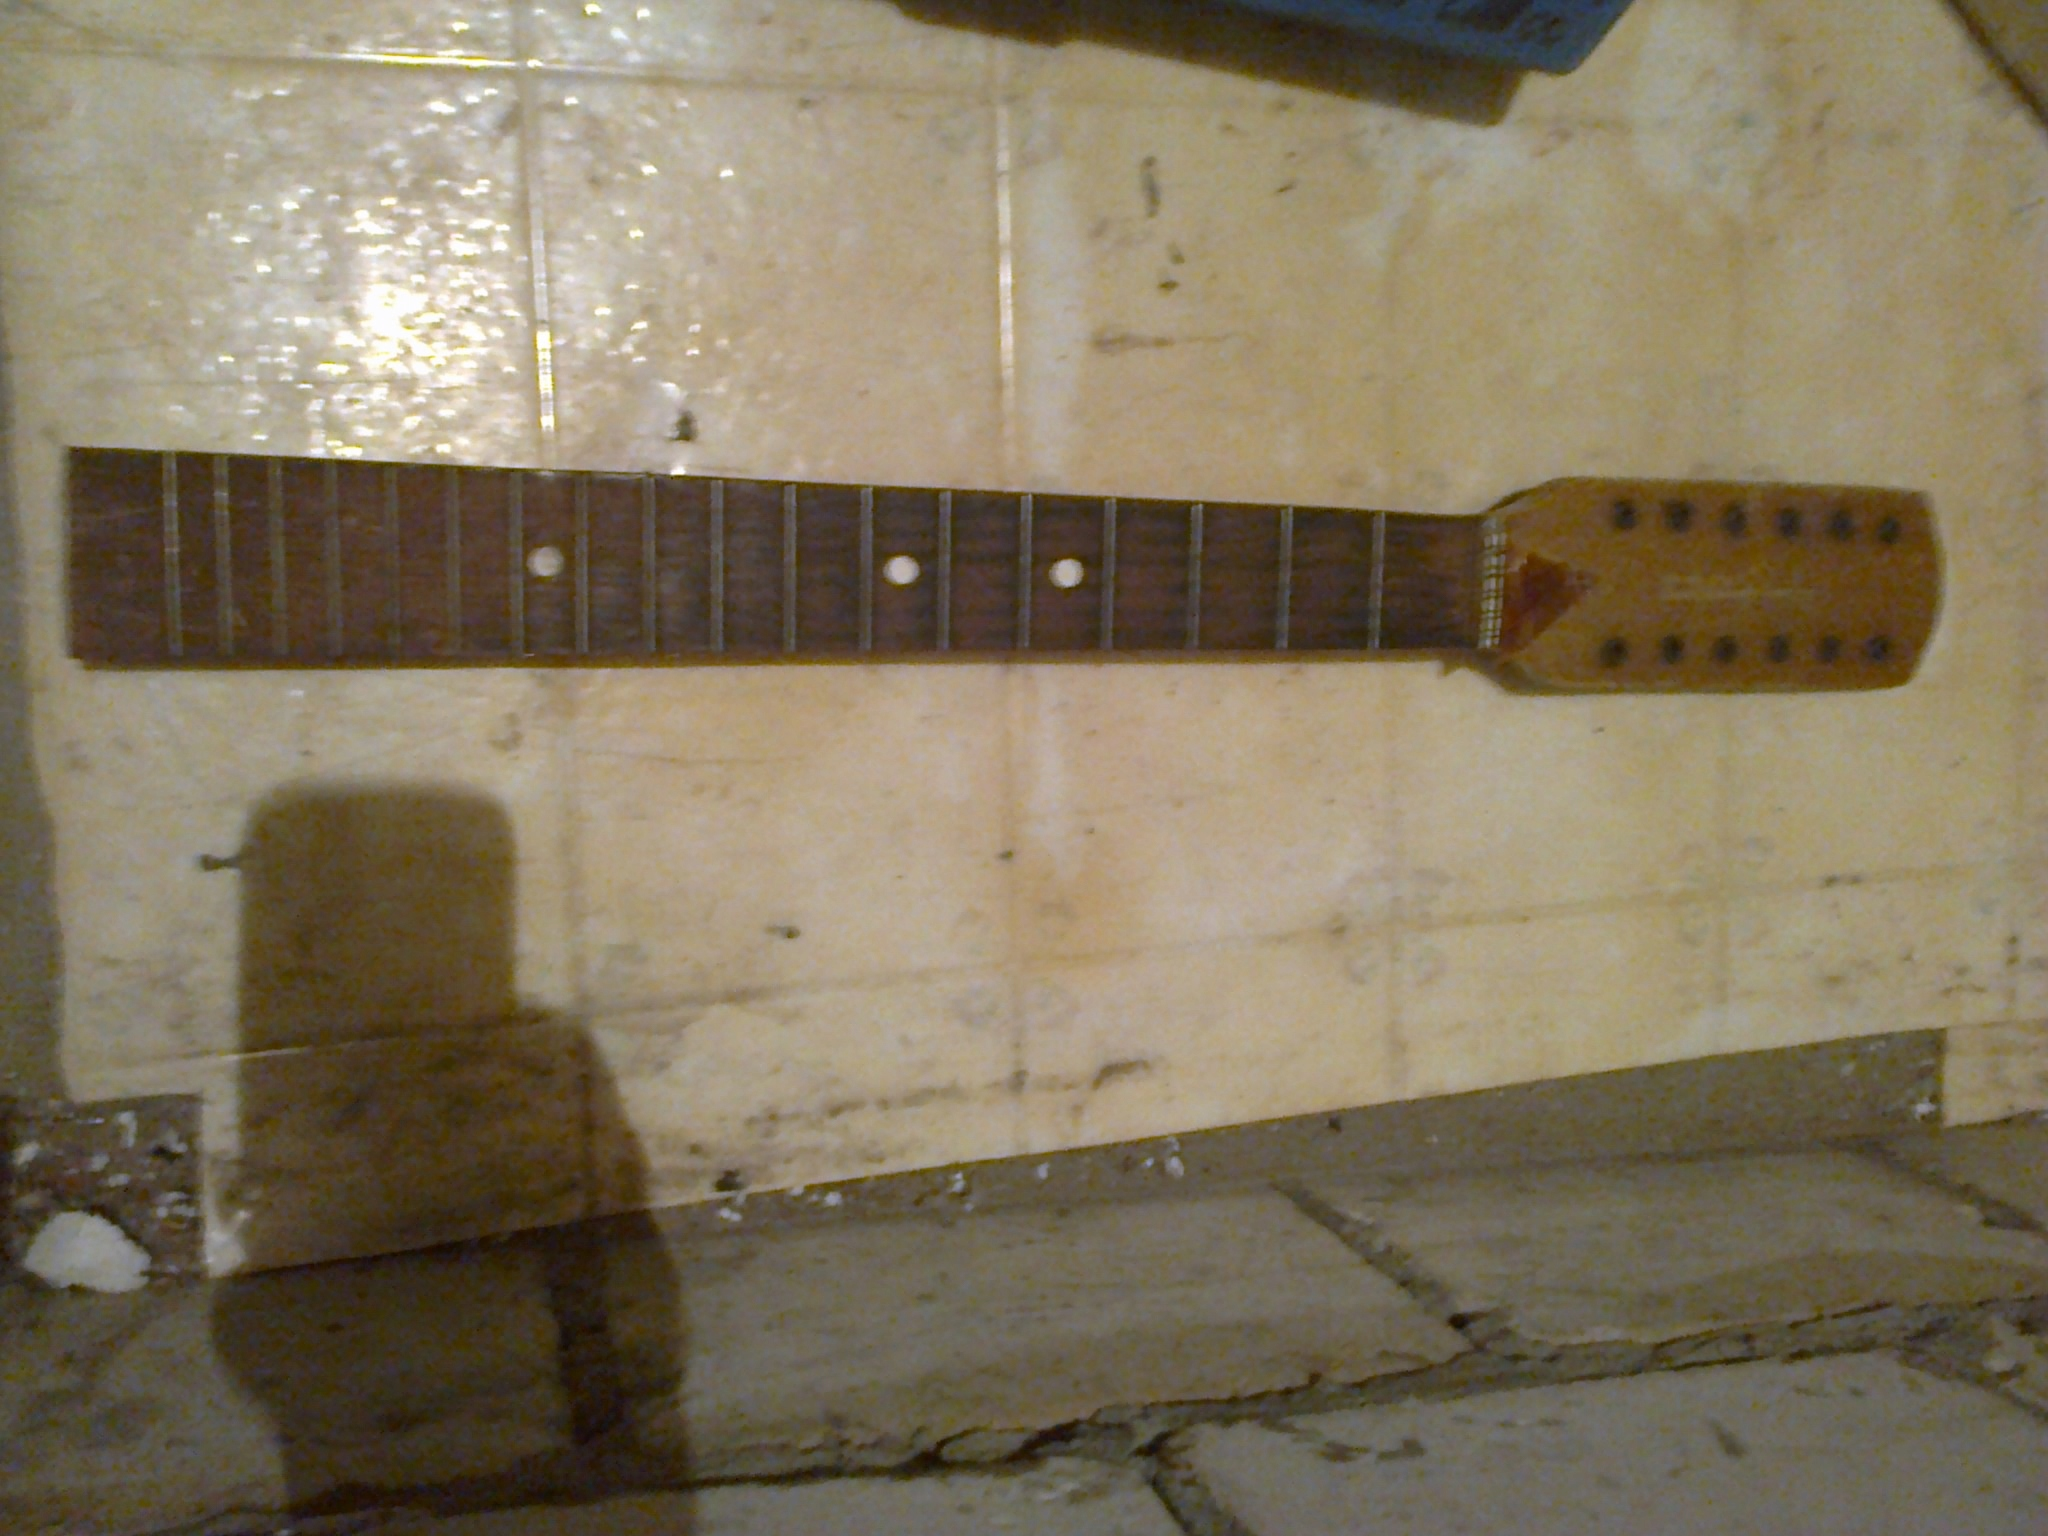 stara gitara defil echo -gryf